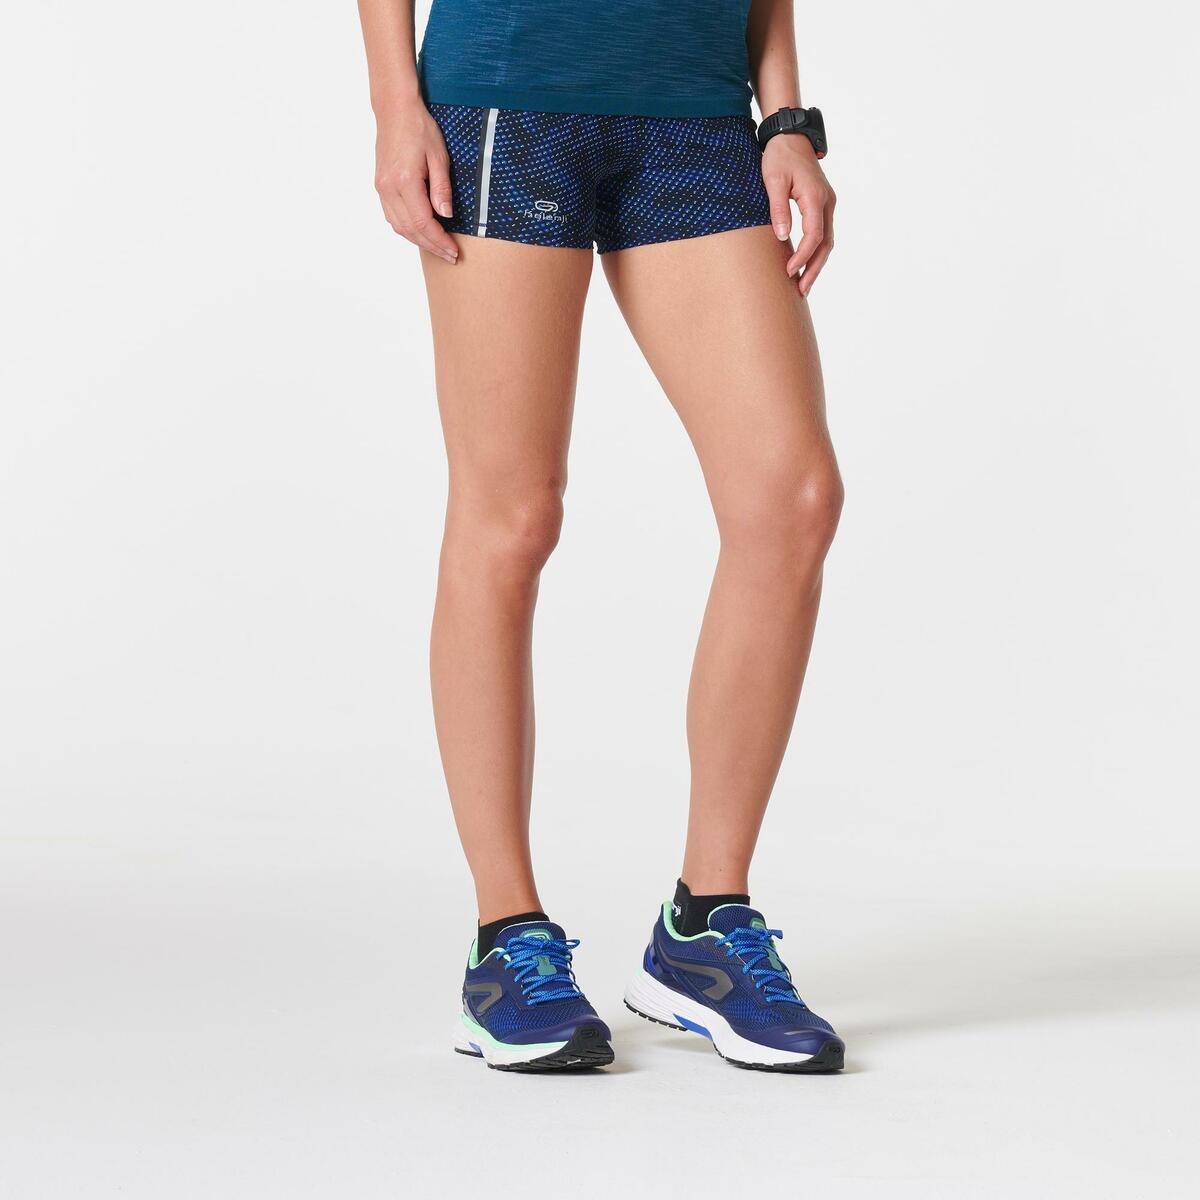 Bild 3 von Laufshorts Kiprun Damen Aufdruck/blau